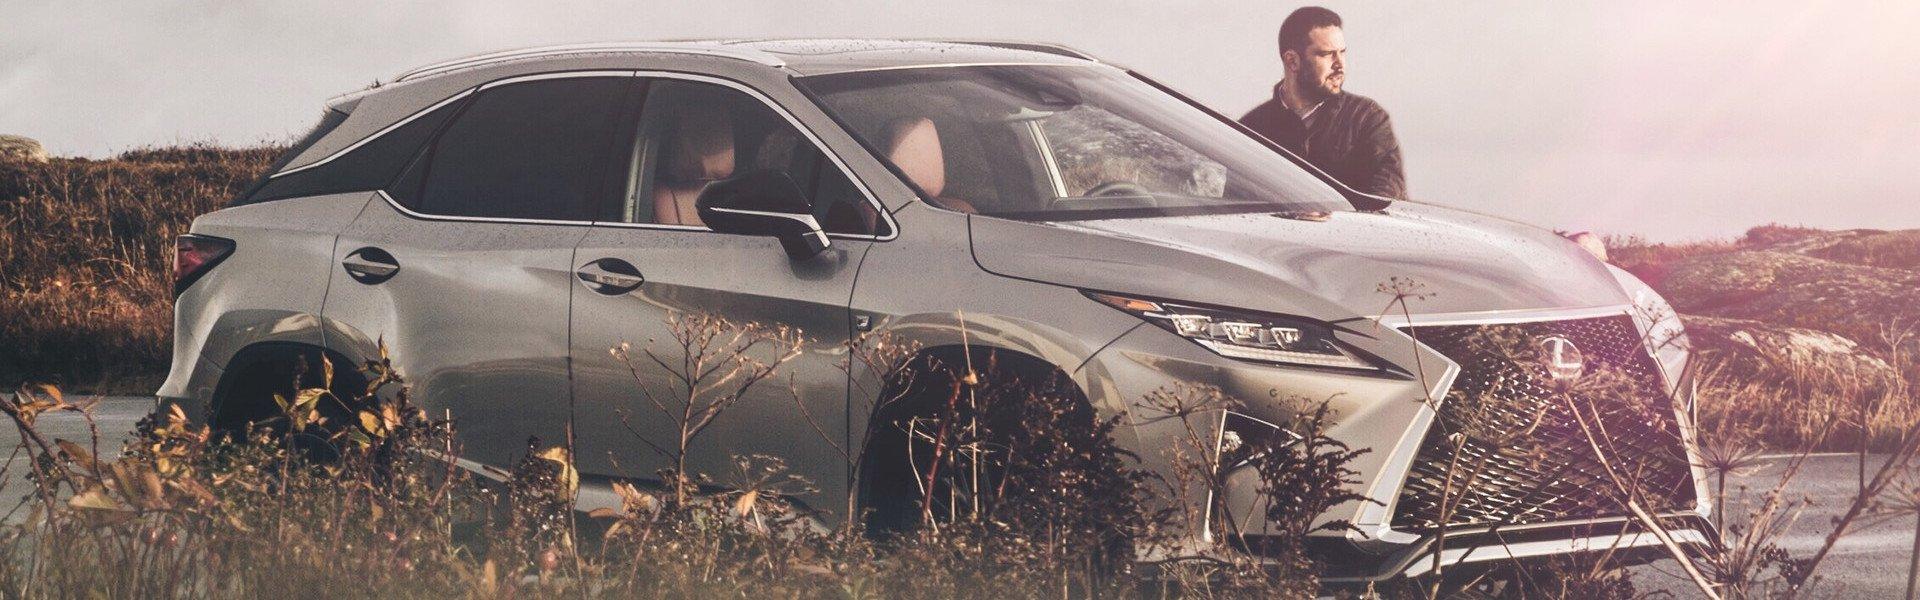 2019 Lexus RX 450h Hybrid at Ken Shaw Lexus in Toronto